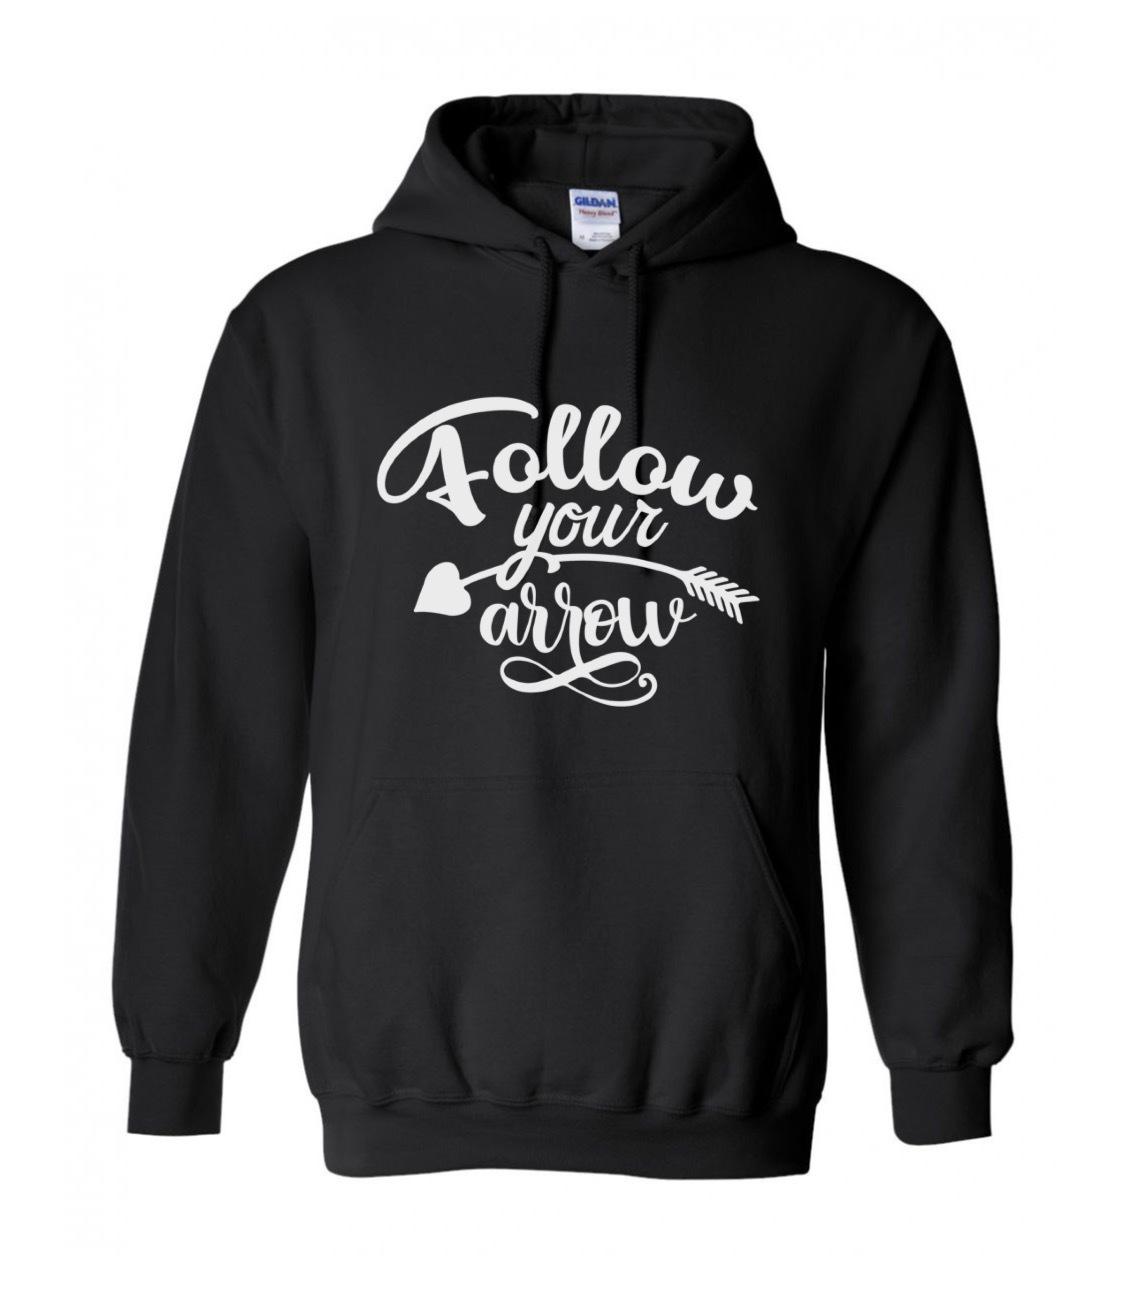 Arrow Hoodie, Boho Arrows, Black Hoodie, Plus Size Sweatshirt